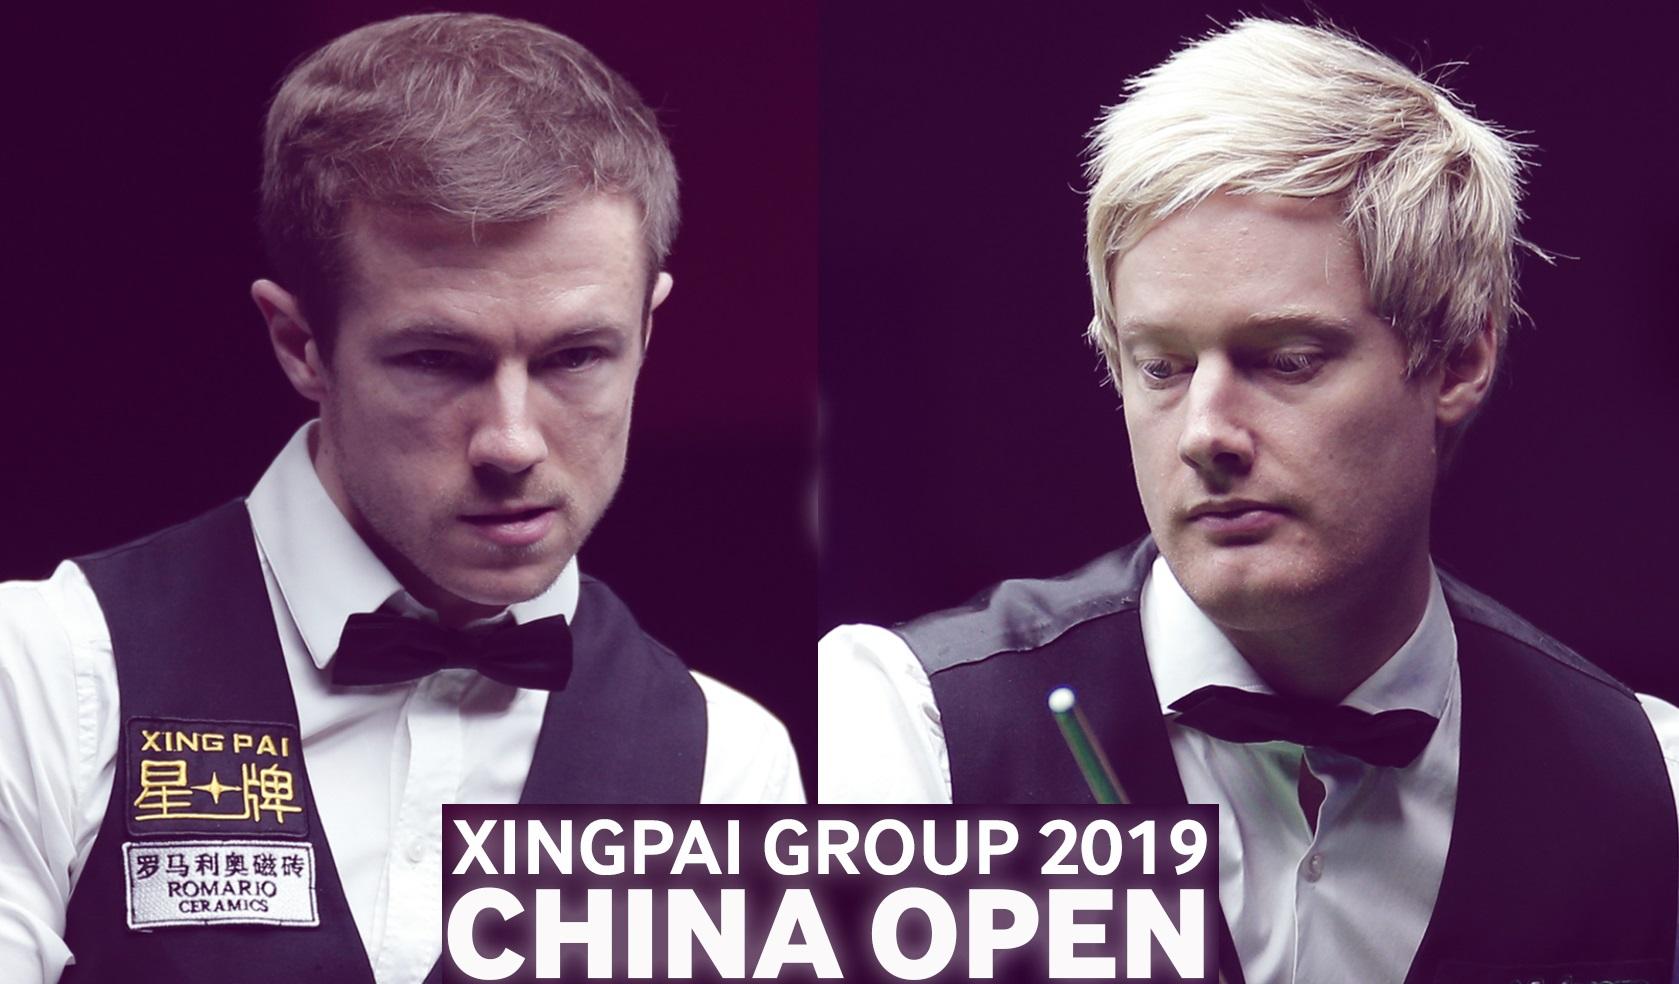 China Open 2019. Финал: Робертсон или Лисовски?